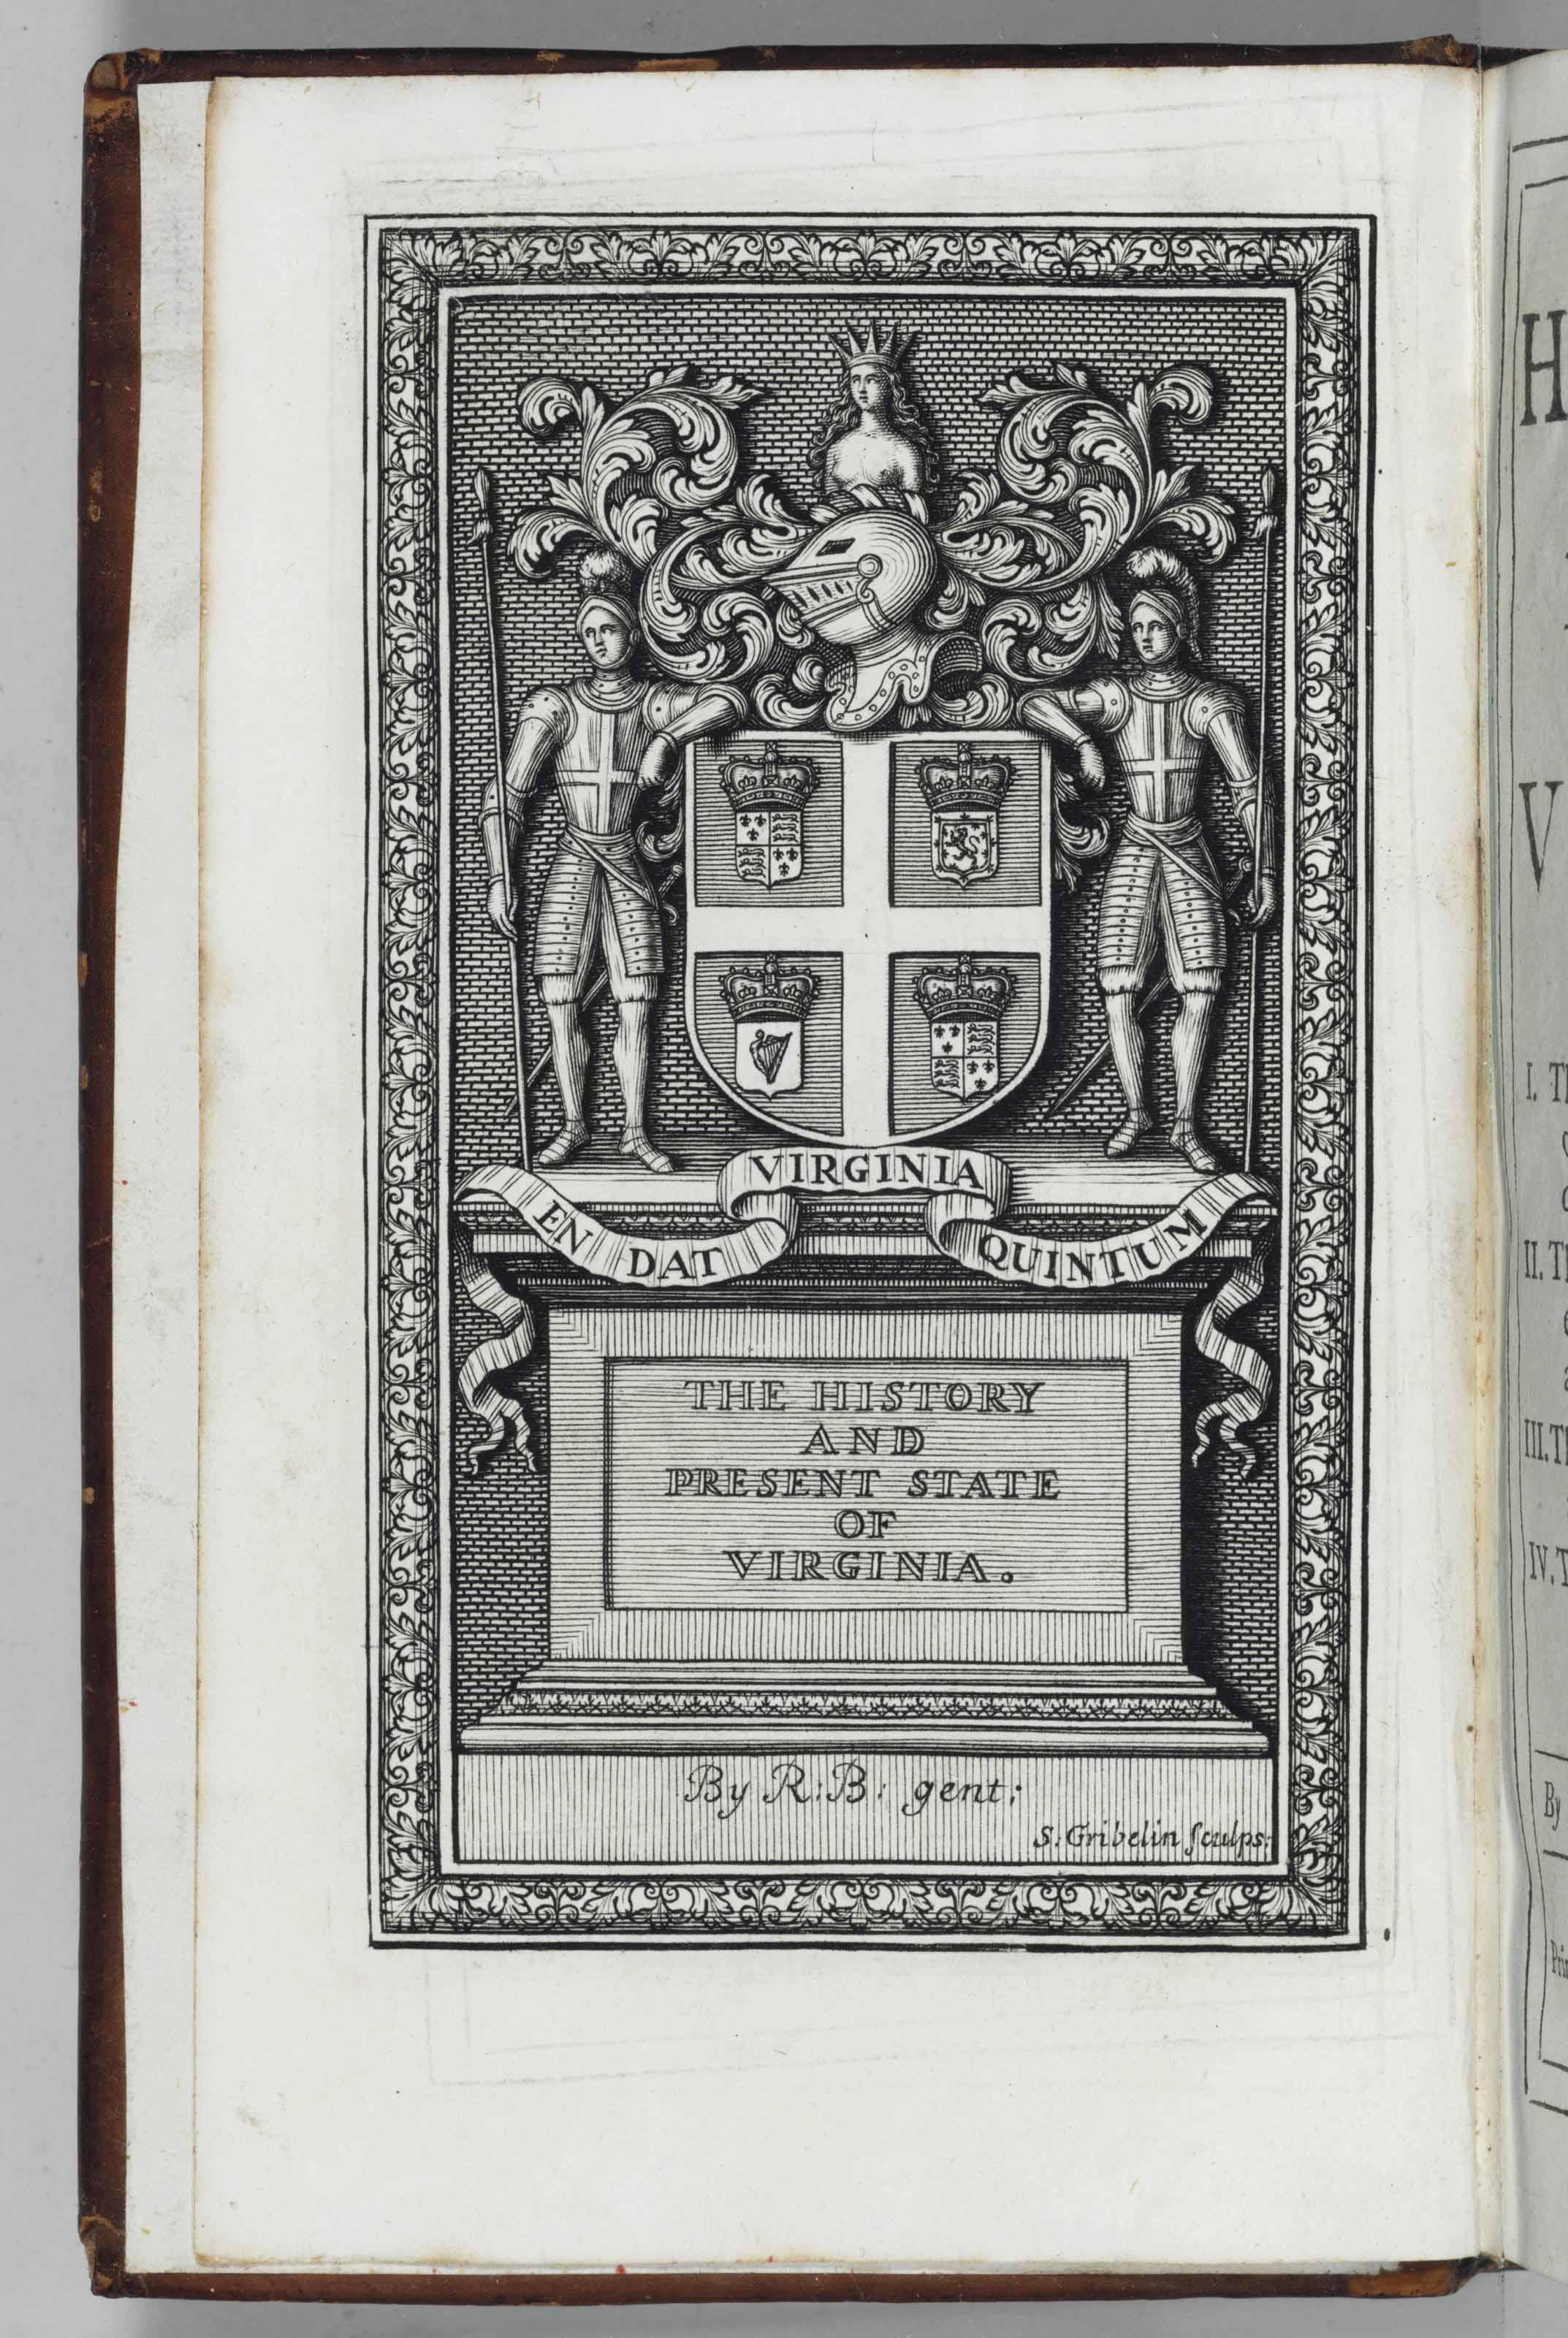 [BEVERLEY, Robert (ca 1673-ca1